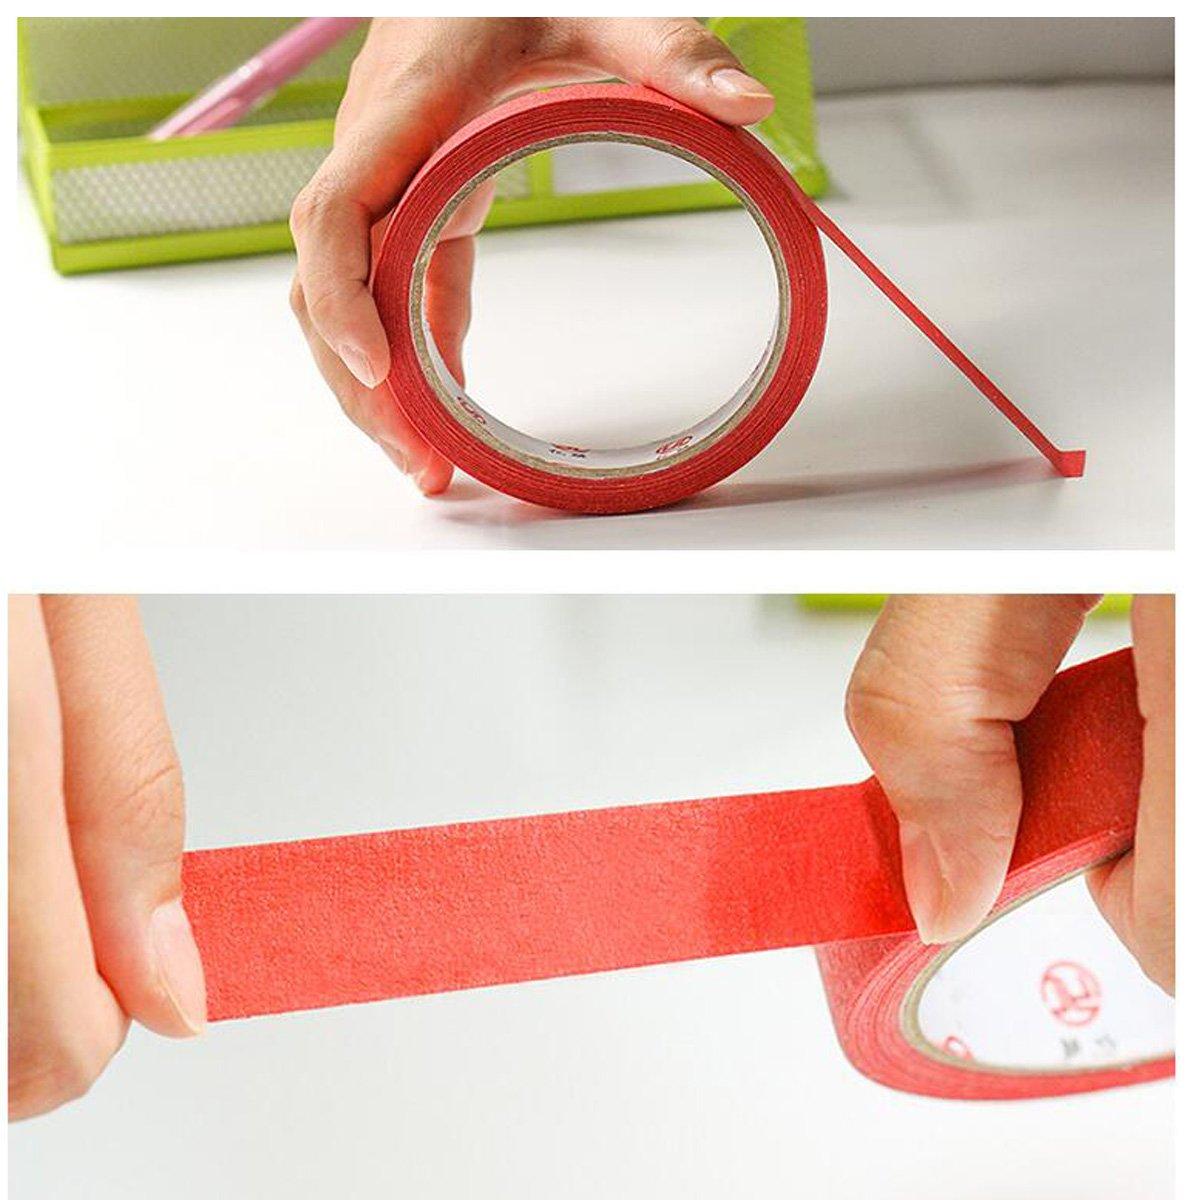 20/M multicolore nastro adesivo per la stampa notes adesivo scrapbooking etichetta DIY Arts kit per bambini piccoli pezzi Nanhua Rainbow Sticky Paper 20/mm